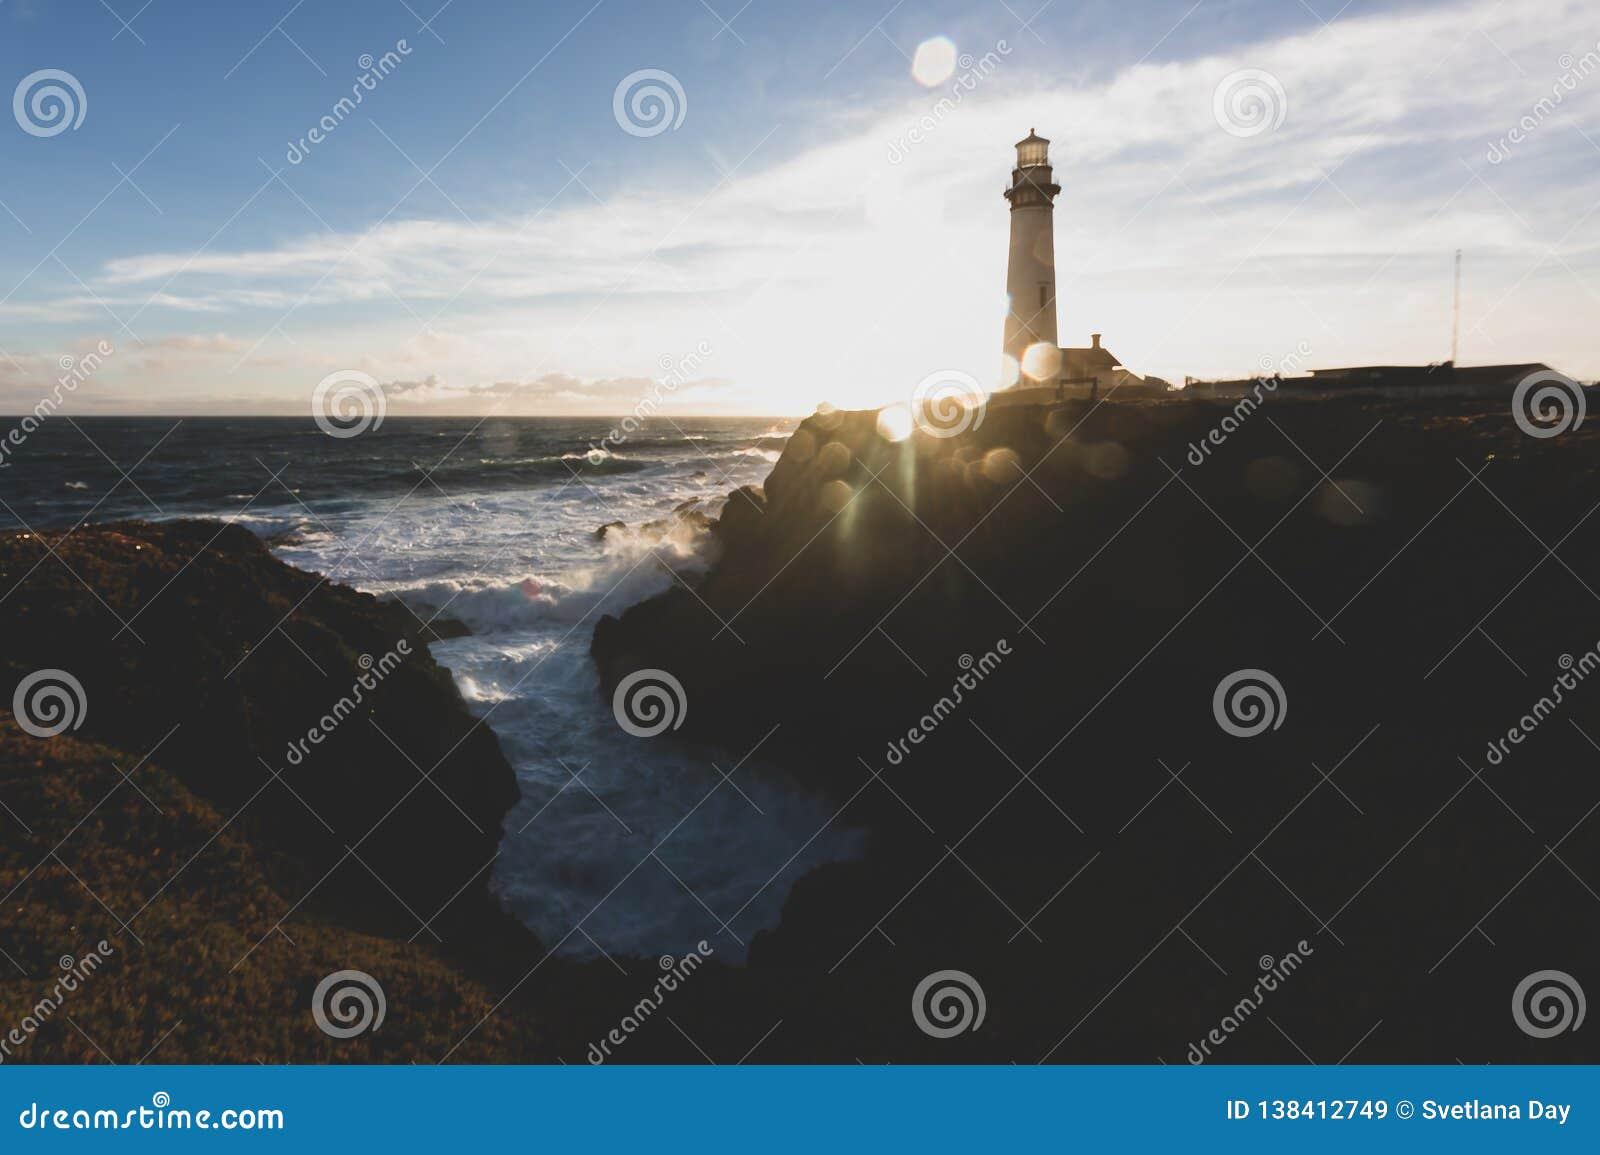 鸽子在加利福尼亚北部太平洋海岸线的点灯塔在与一片艺术性的太阳火光的日落,葡萄酒神色之前